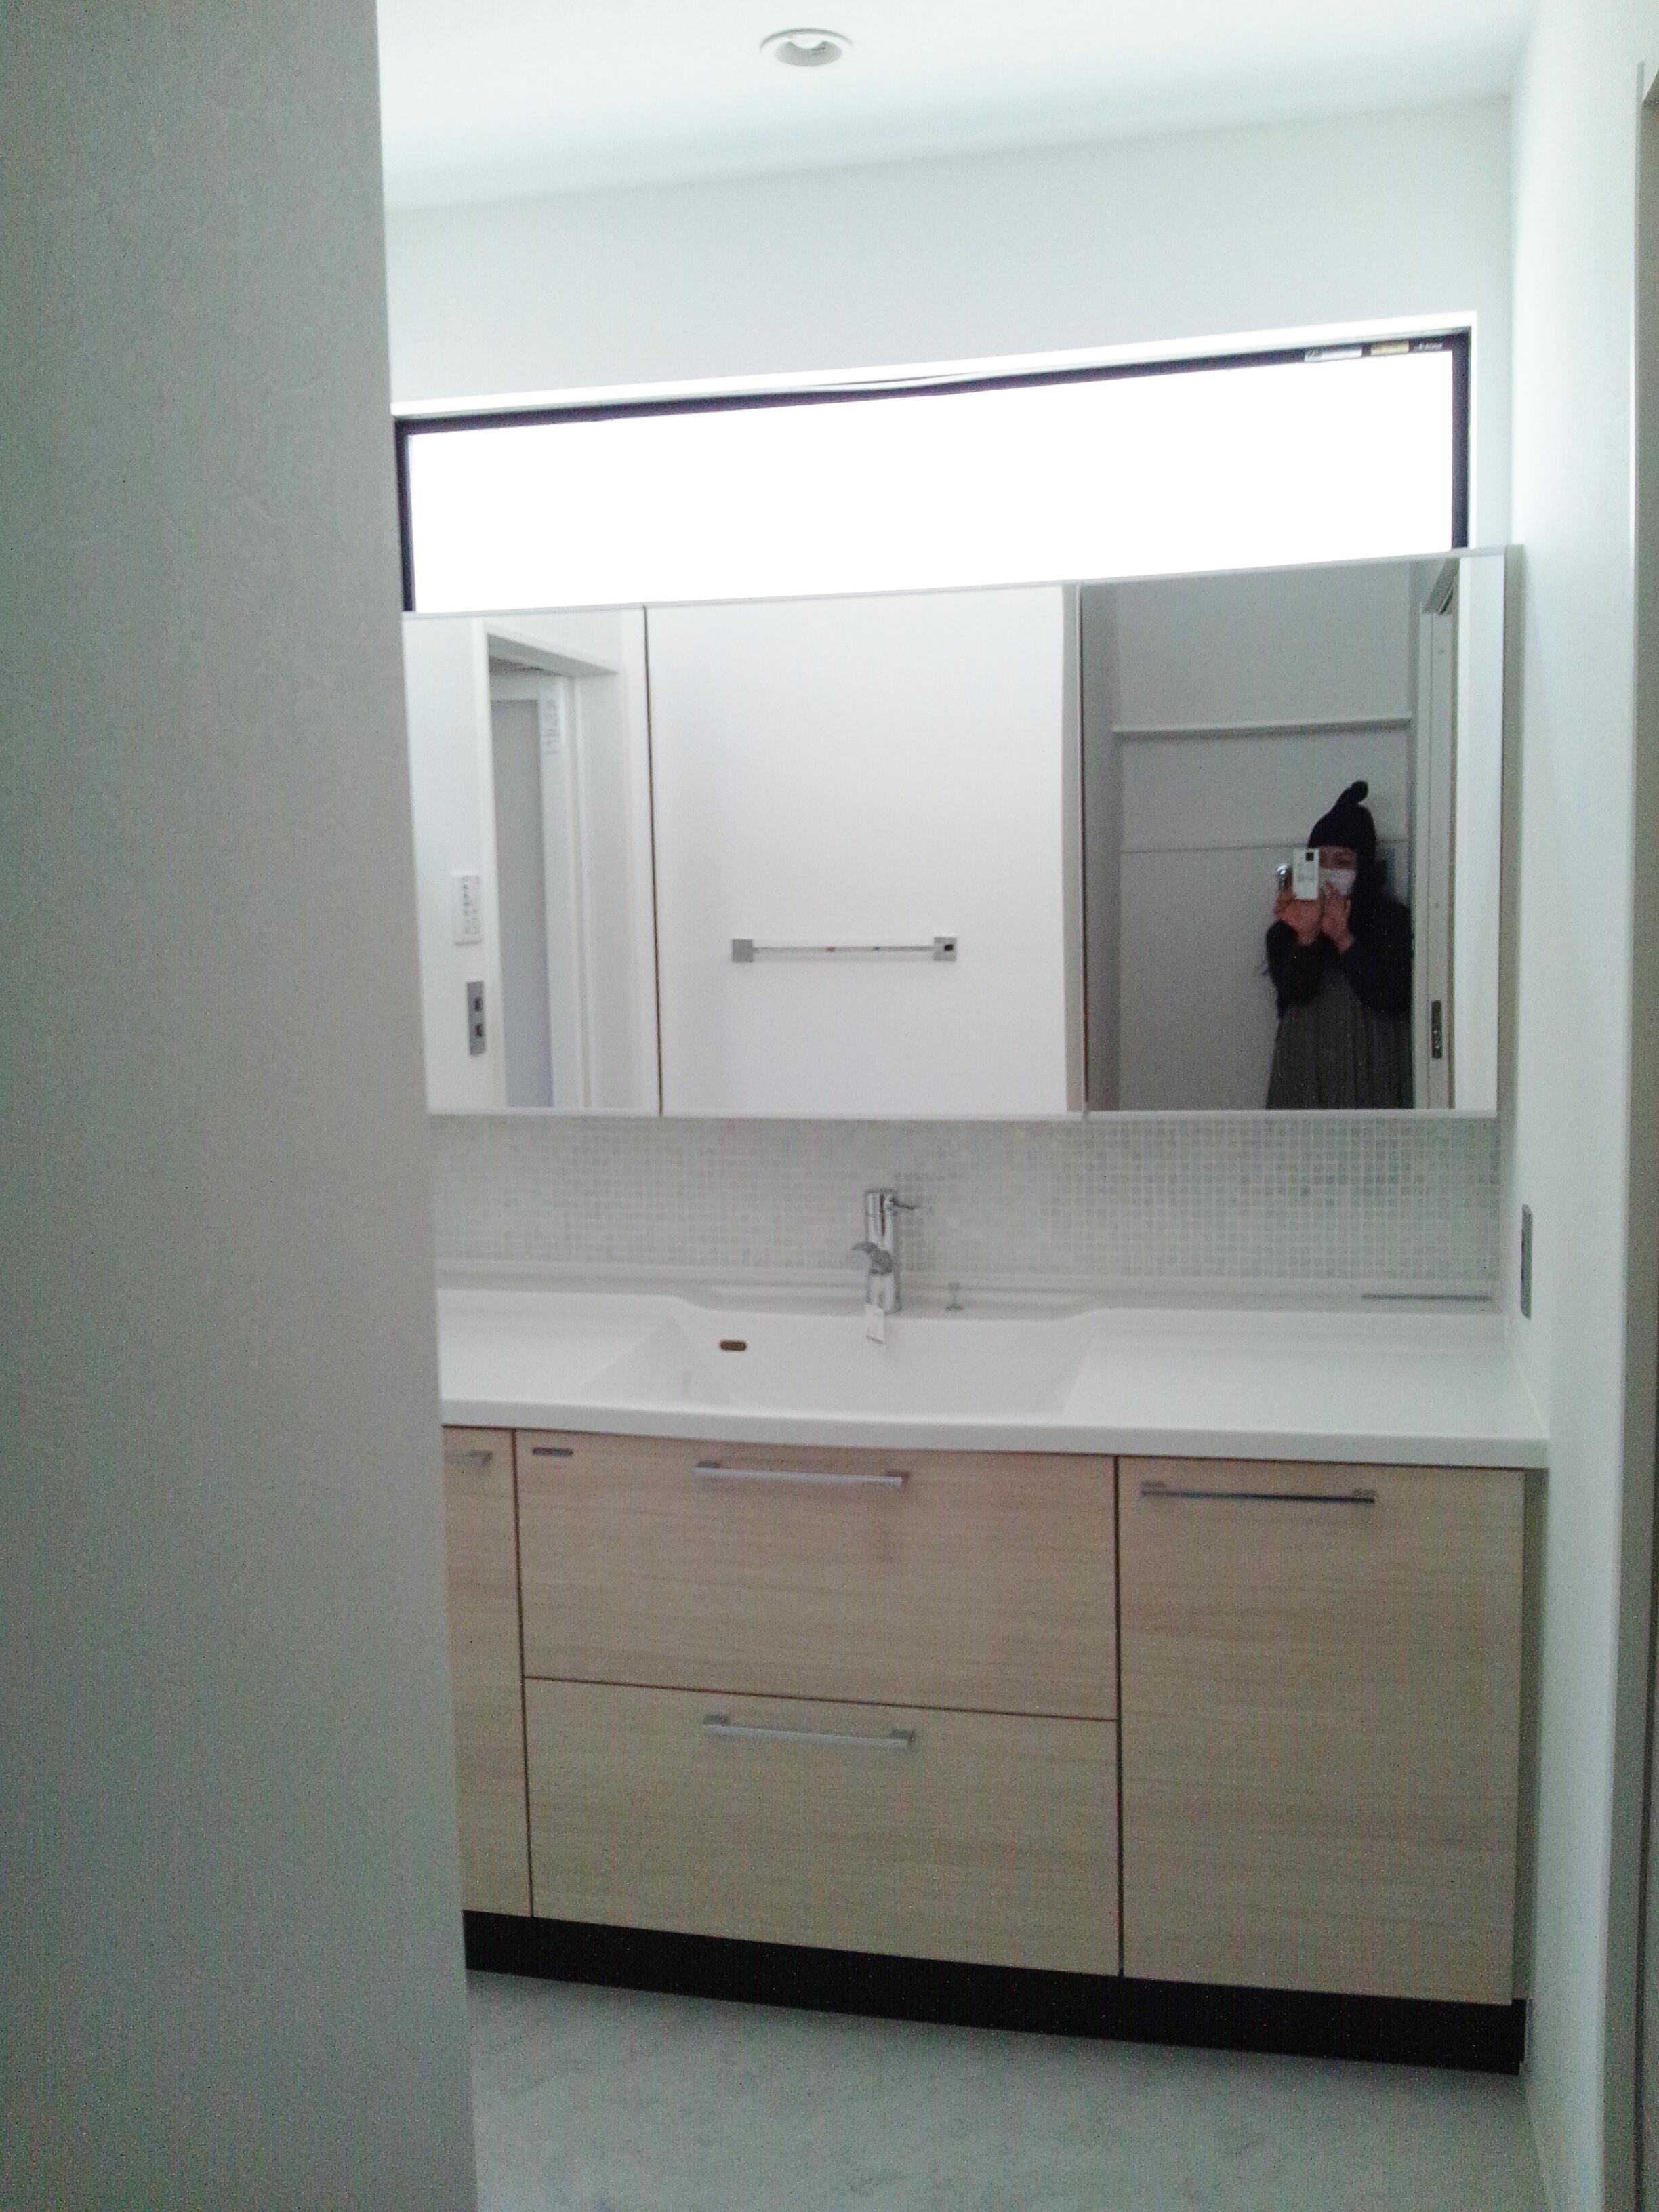 洗面台と鏡の間に、おしゃれなタイル貼り